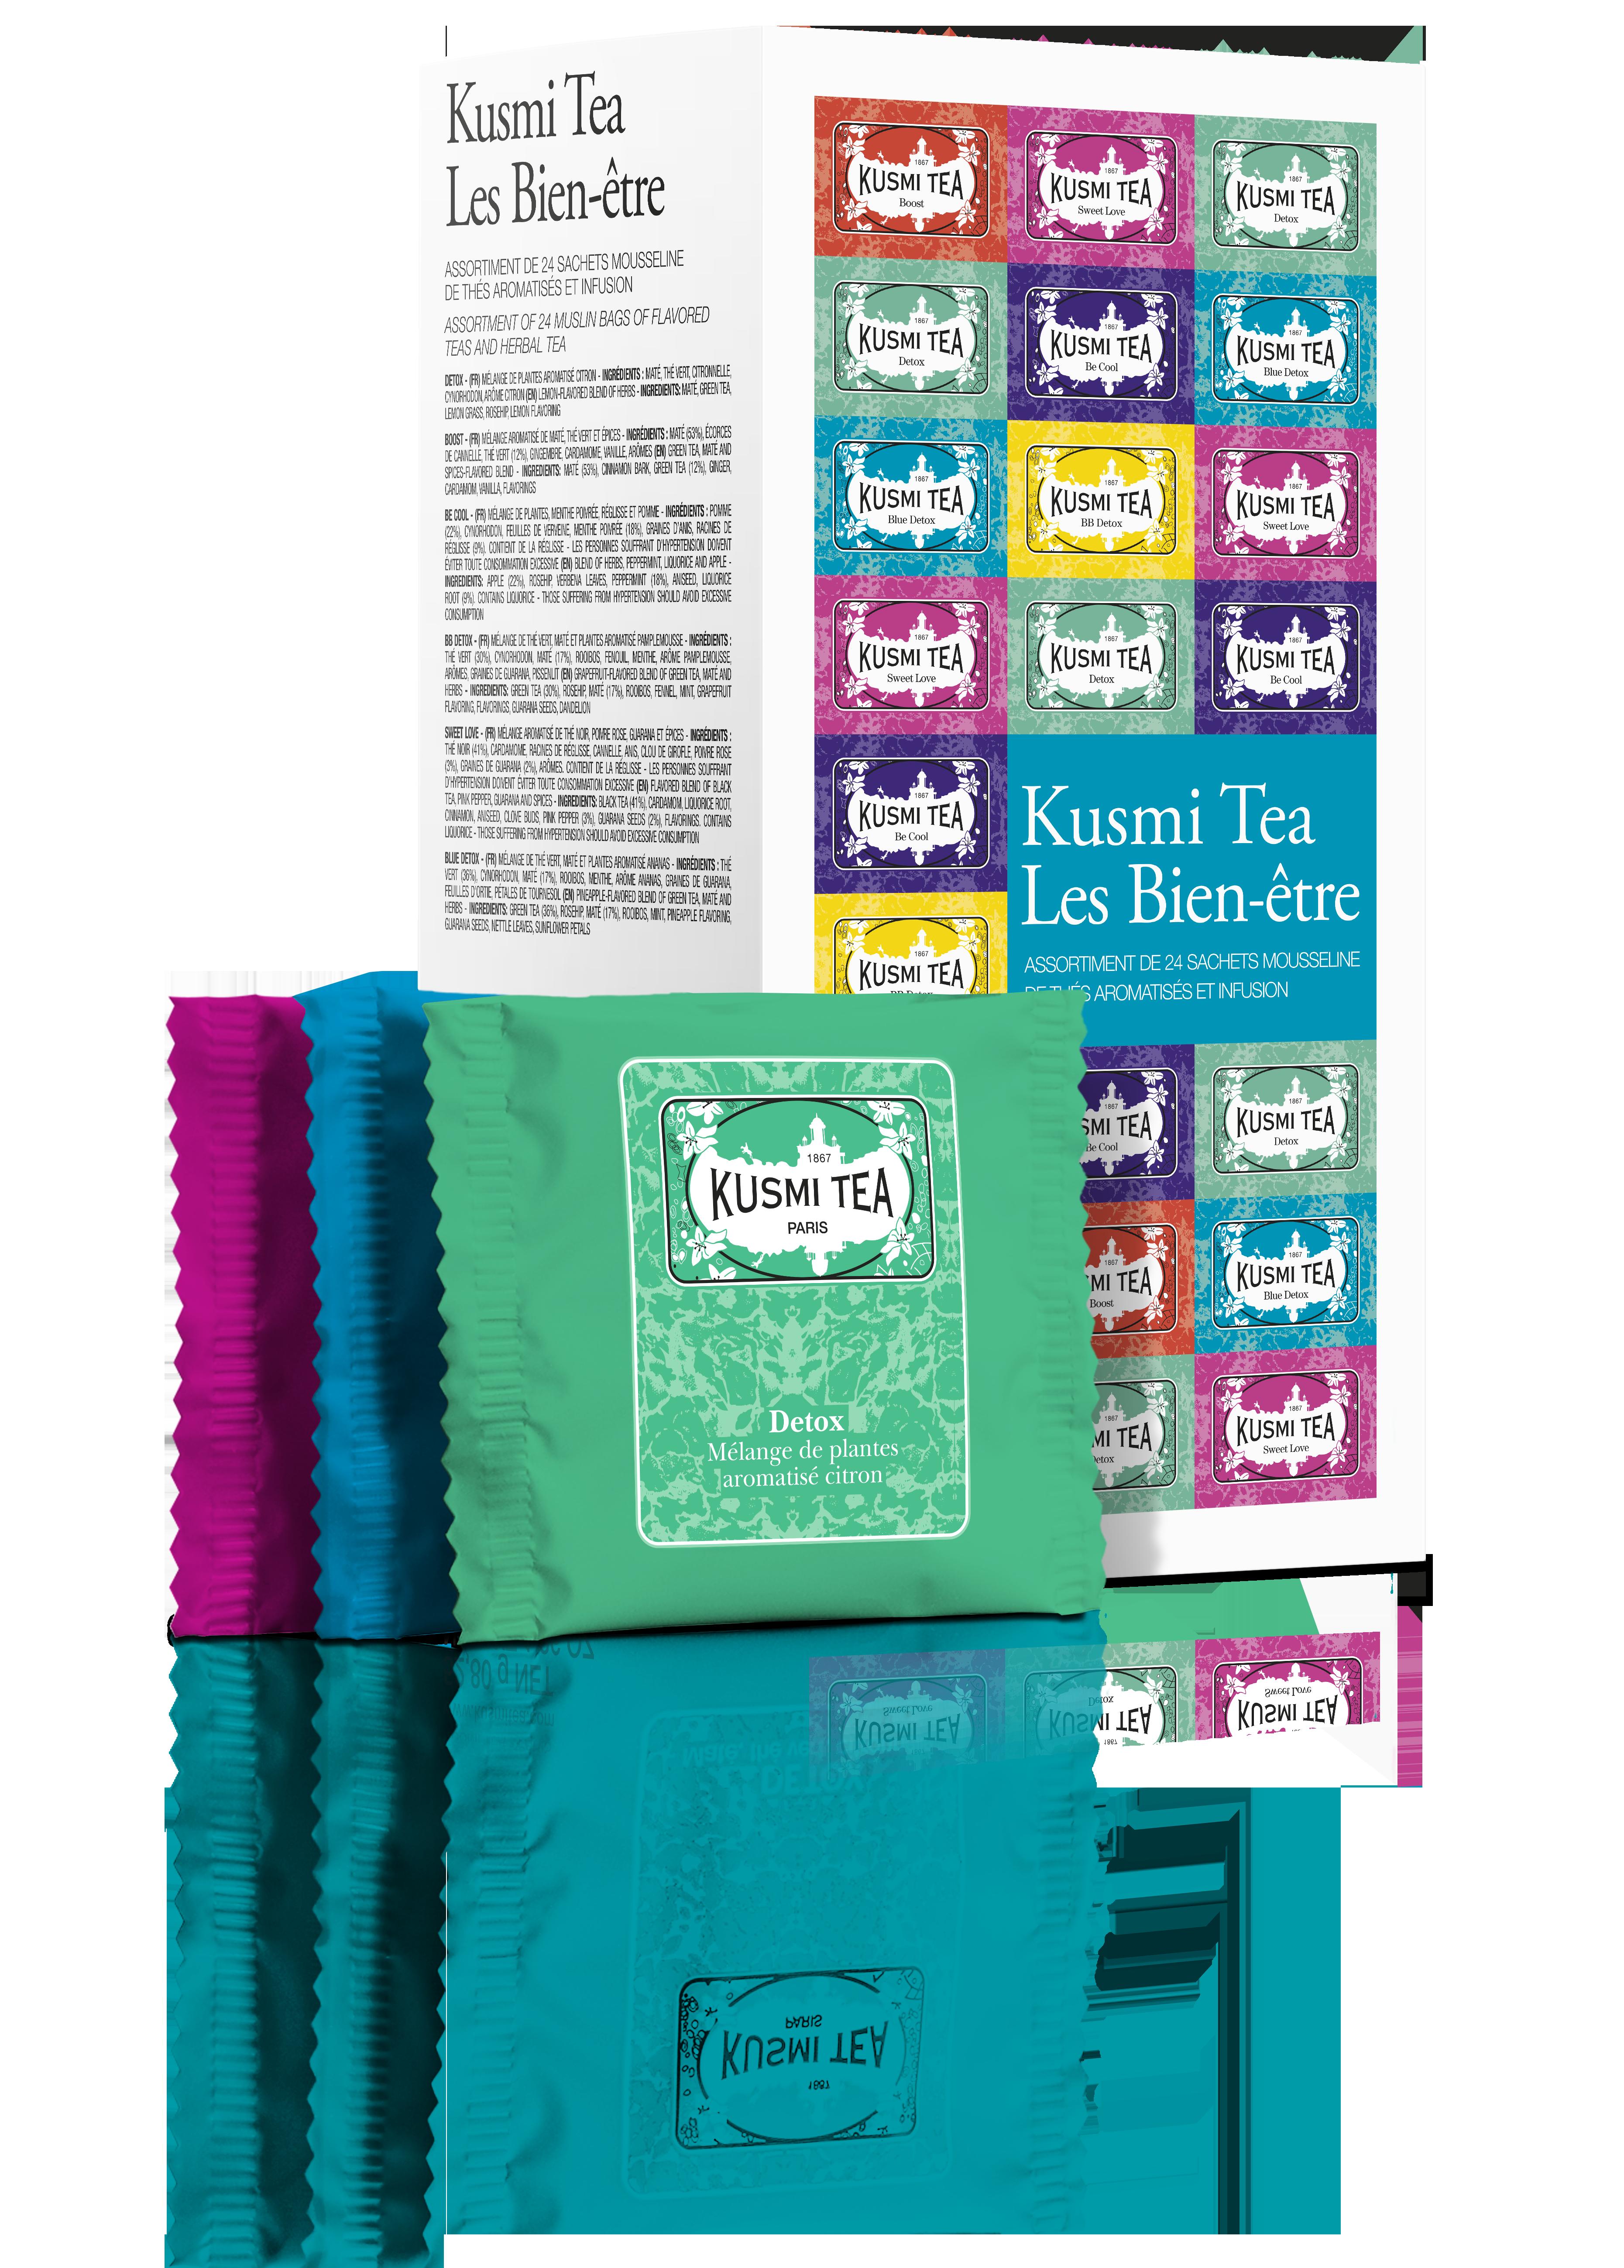 Coffret de thé en sachet Les Bien-être